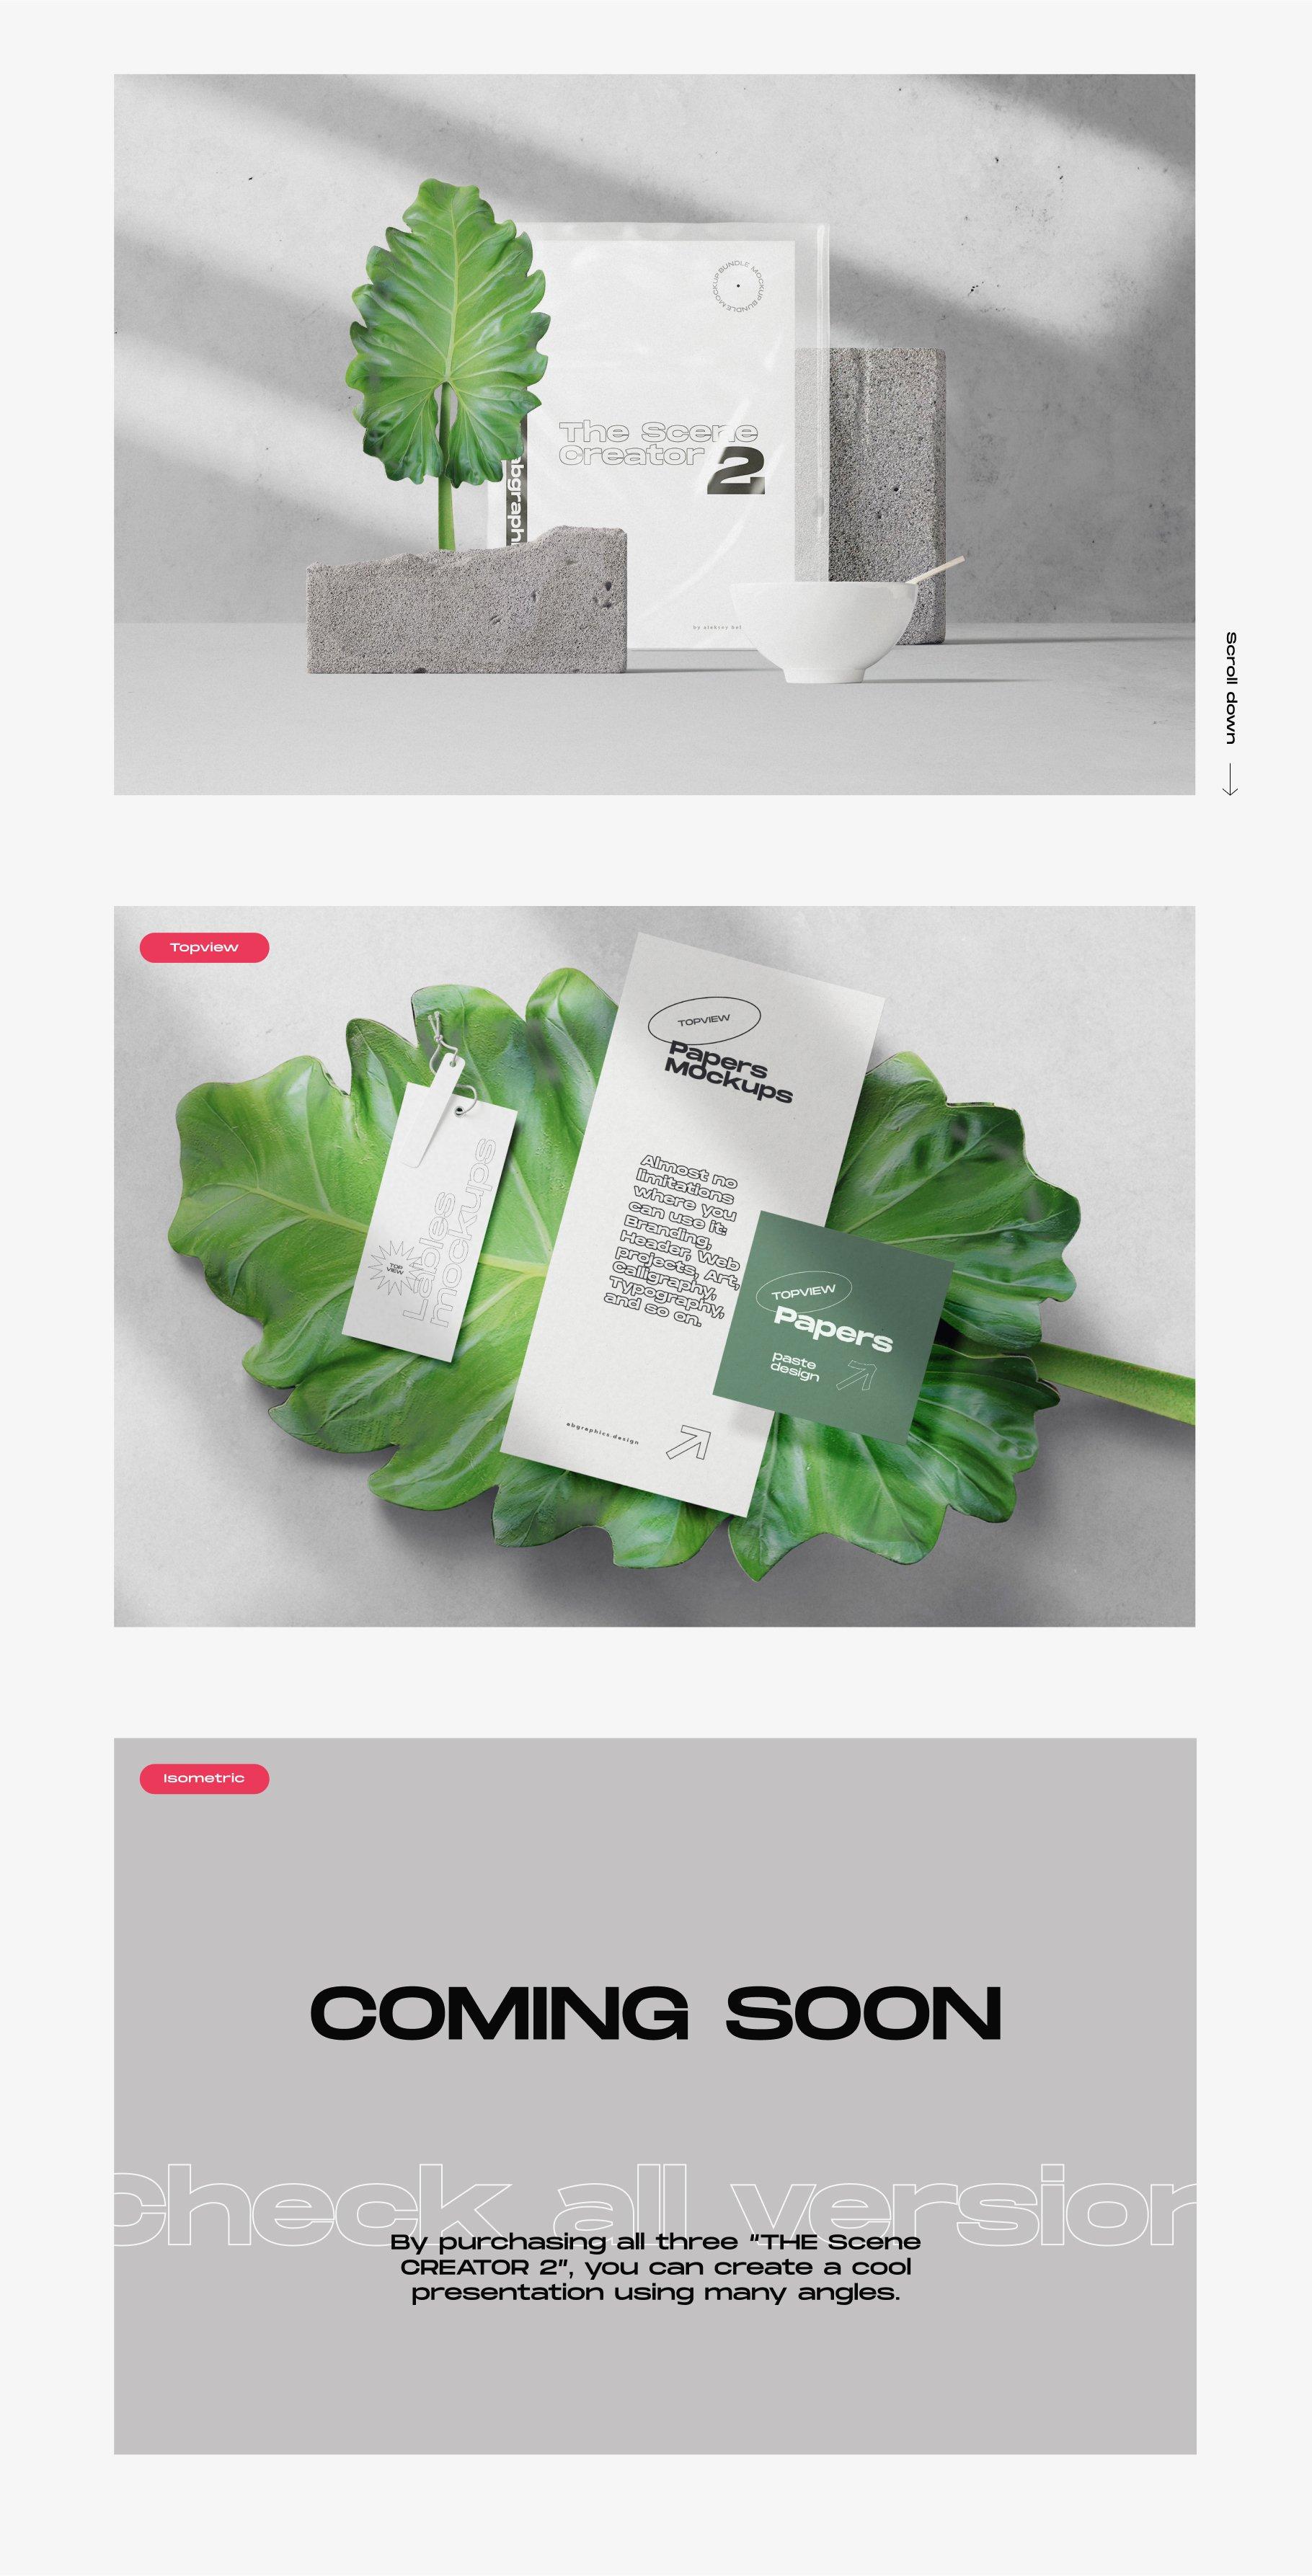 [淘宝购买] 超大品牌VI包装设计PS智能贴图样机模板素材 The Scene Creator 2 / Frontview插图(8)